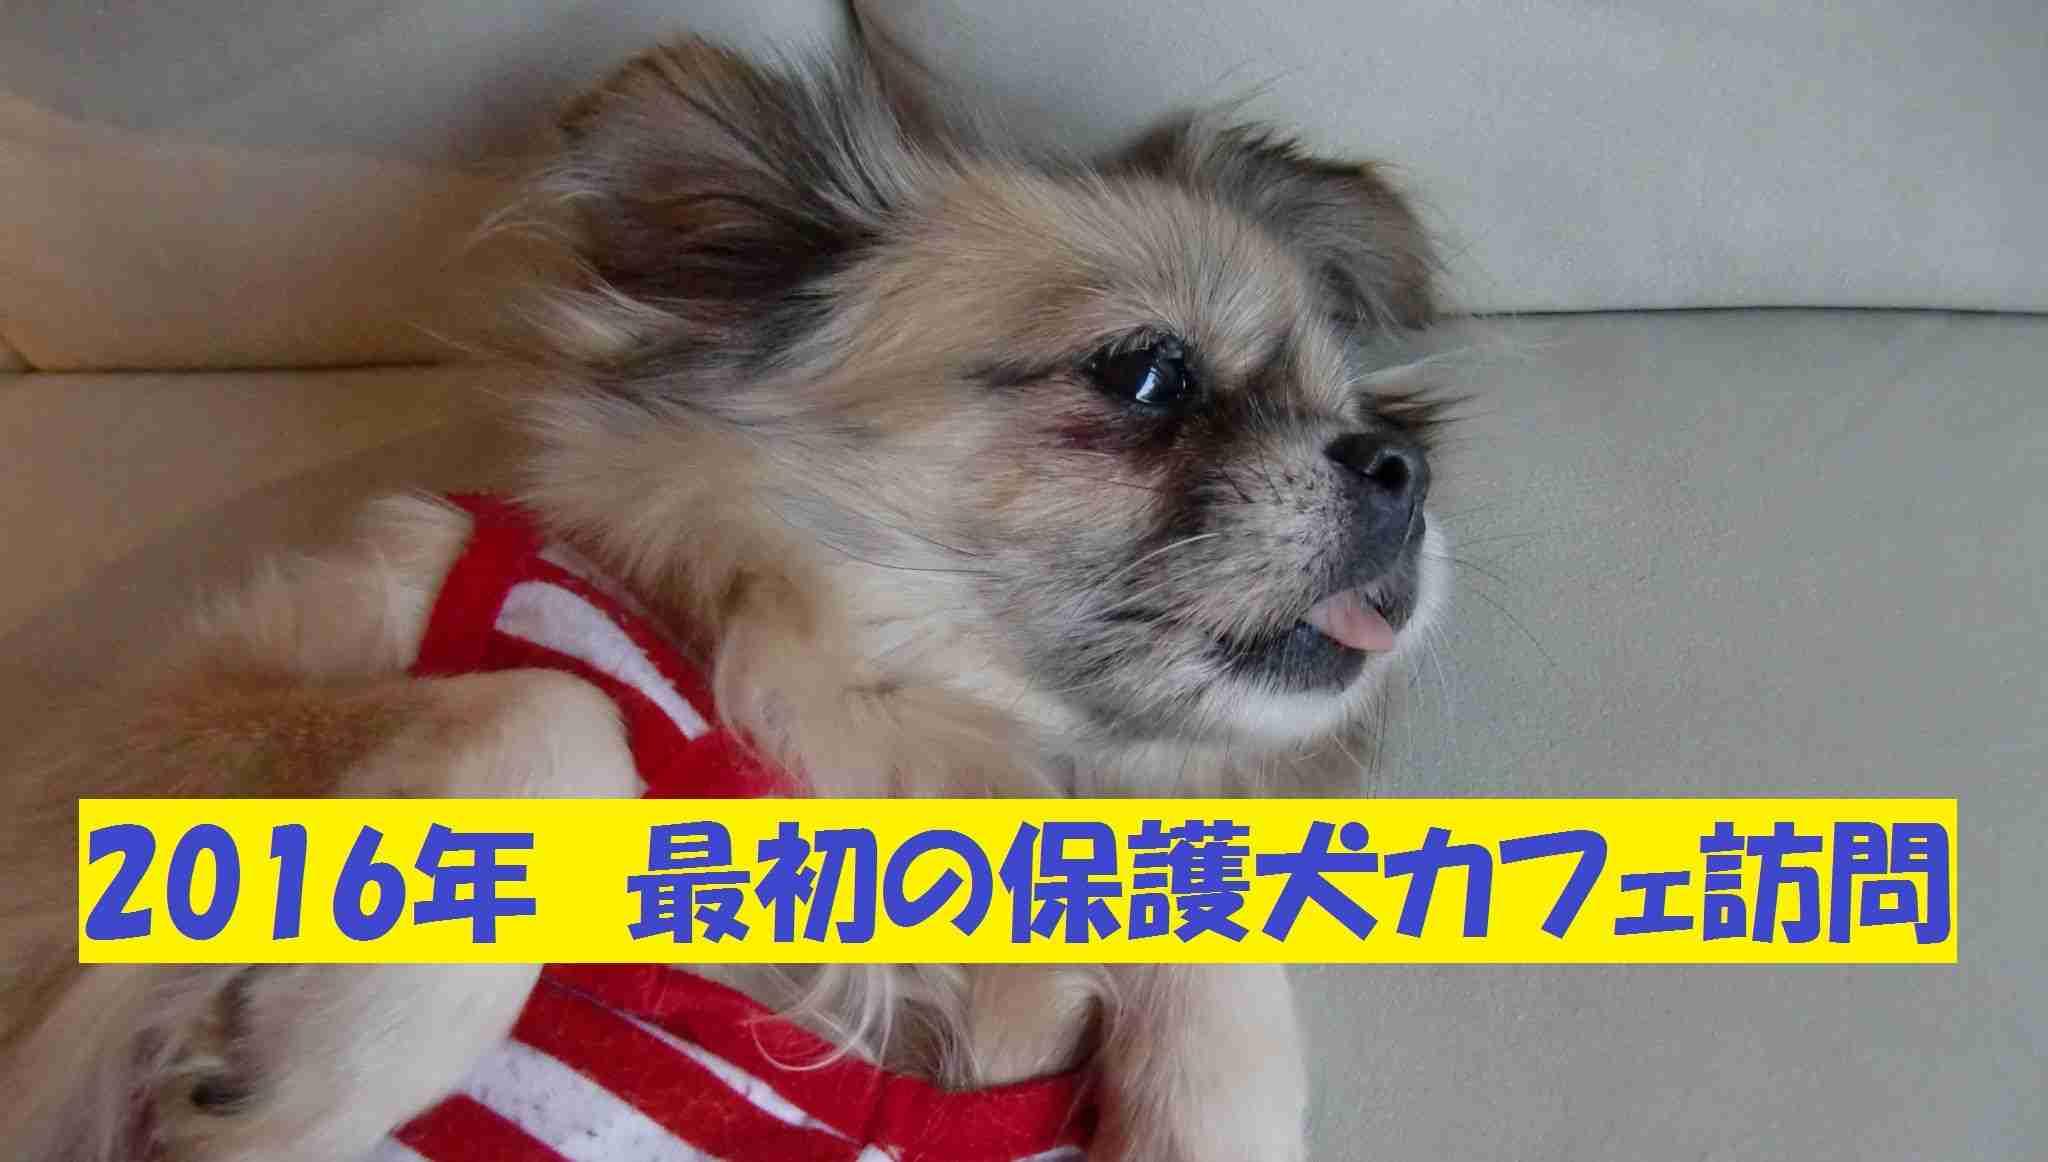 保護犬カフェ訪問 - YouTube